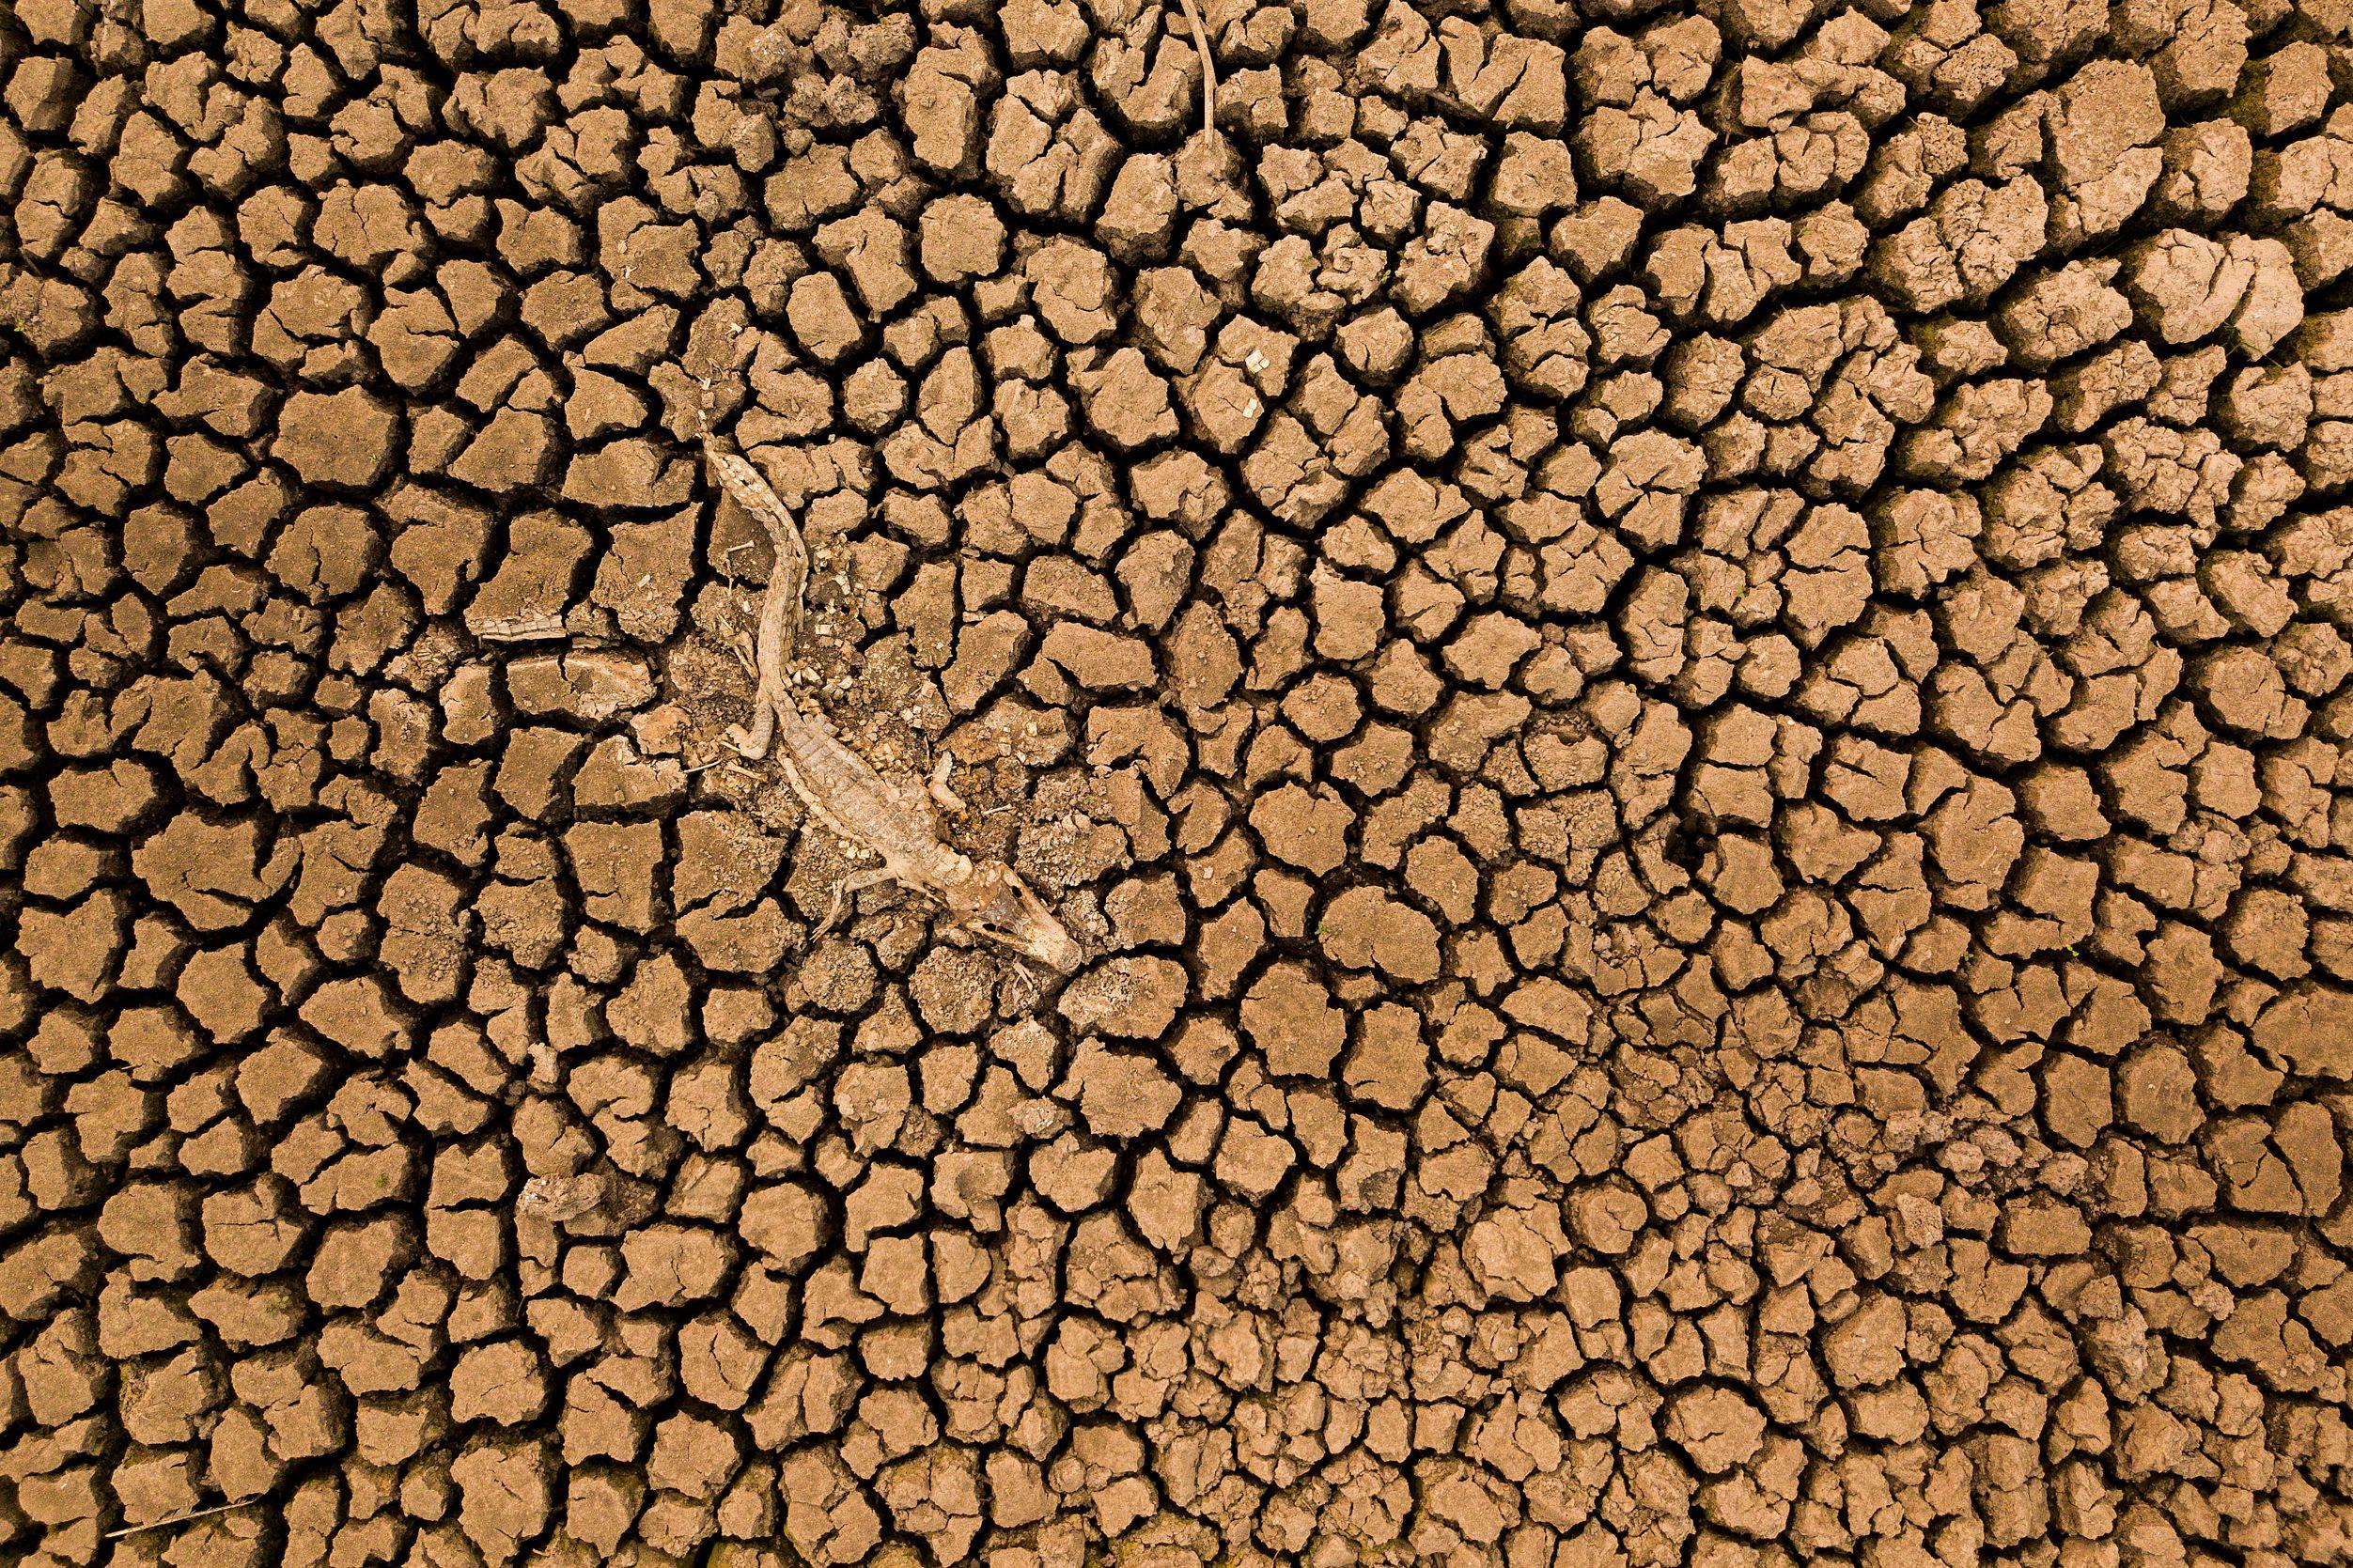 Un lagarto en descomposición en un suelo seco y agrietado.